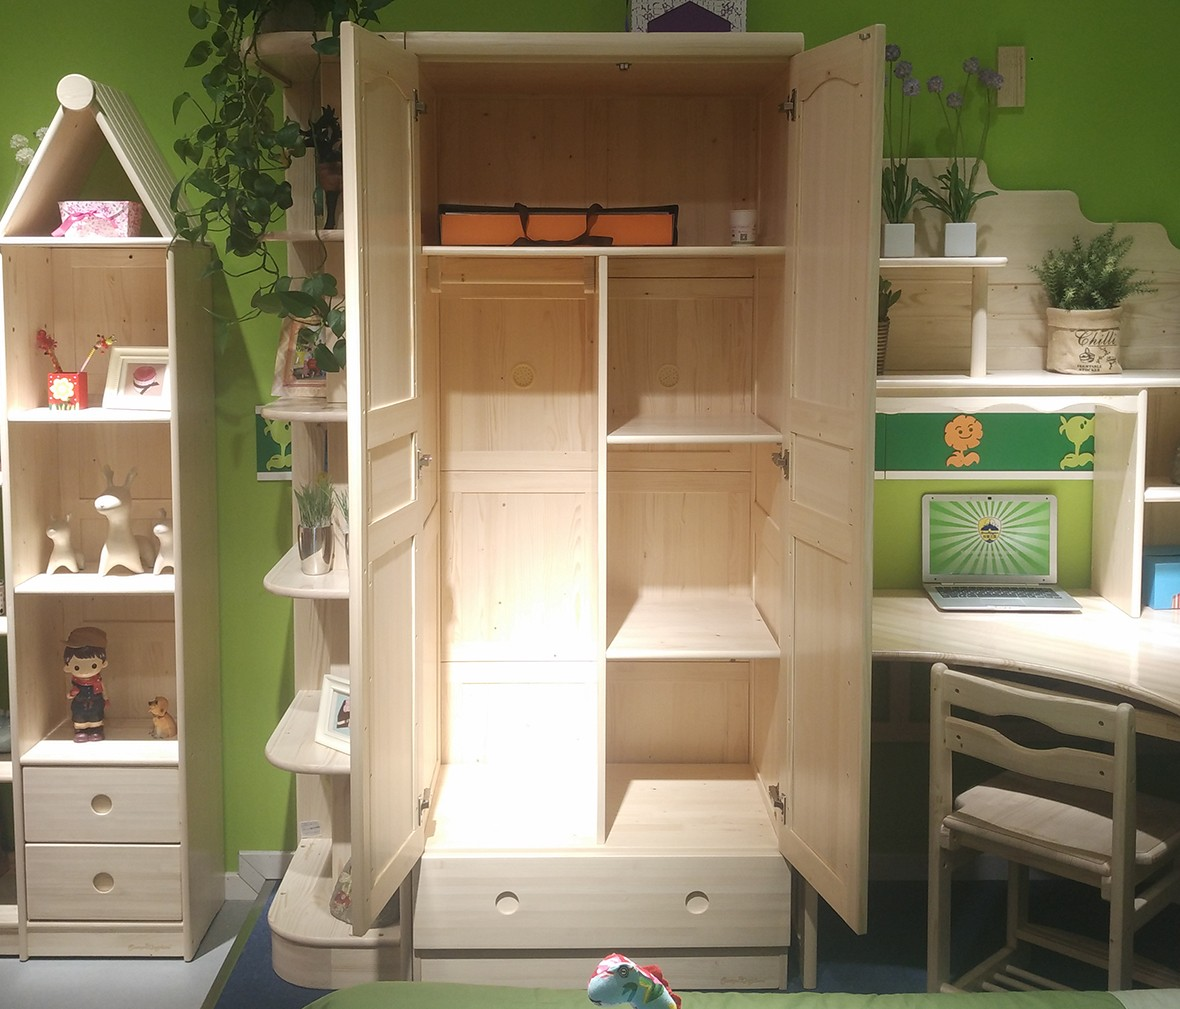 松堡王国 SP-A-G002型号两门衣柜加中隔板 进口芬兰木材质衣柜